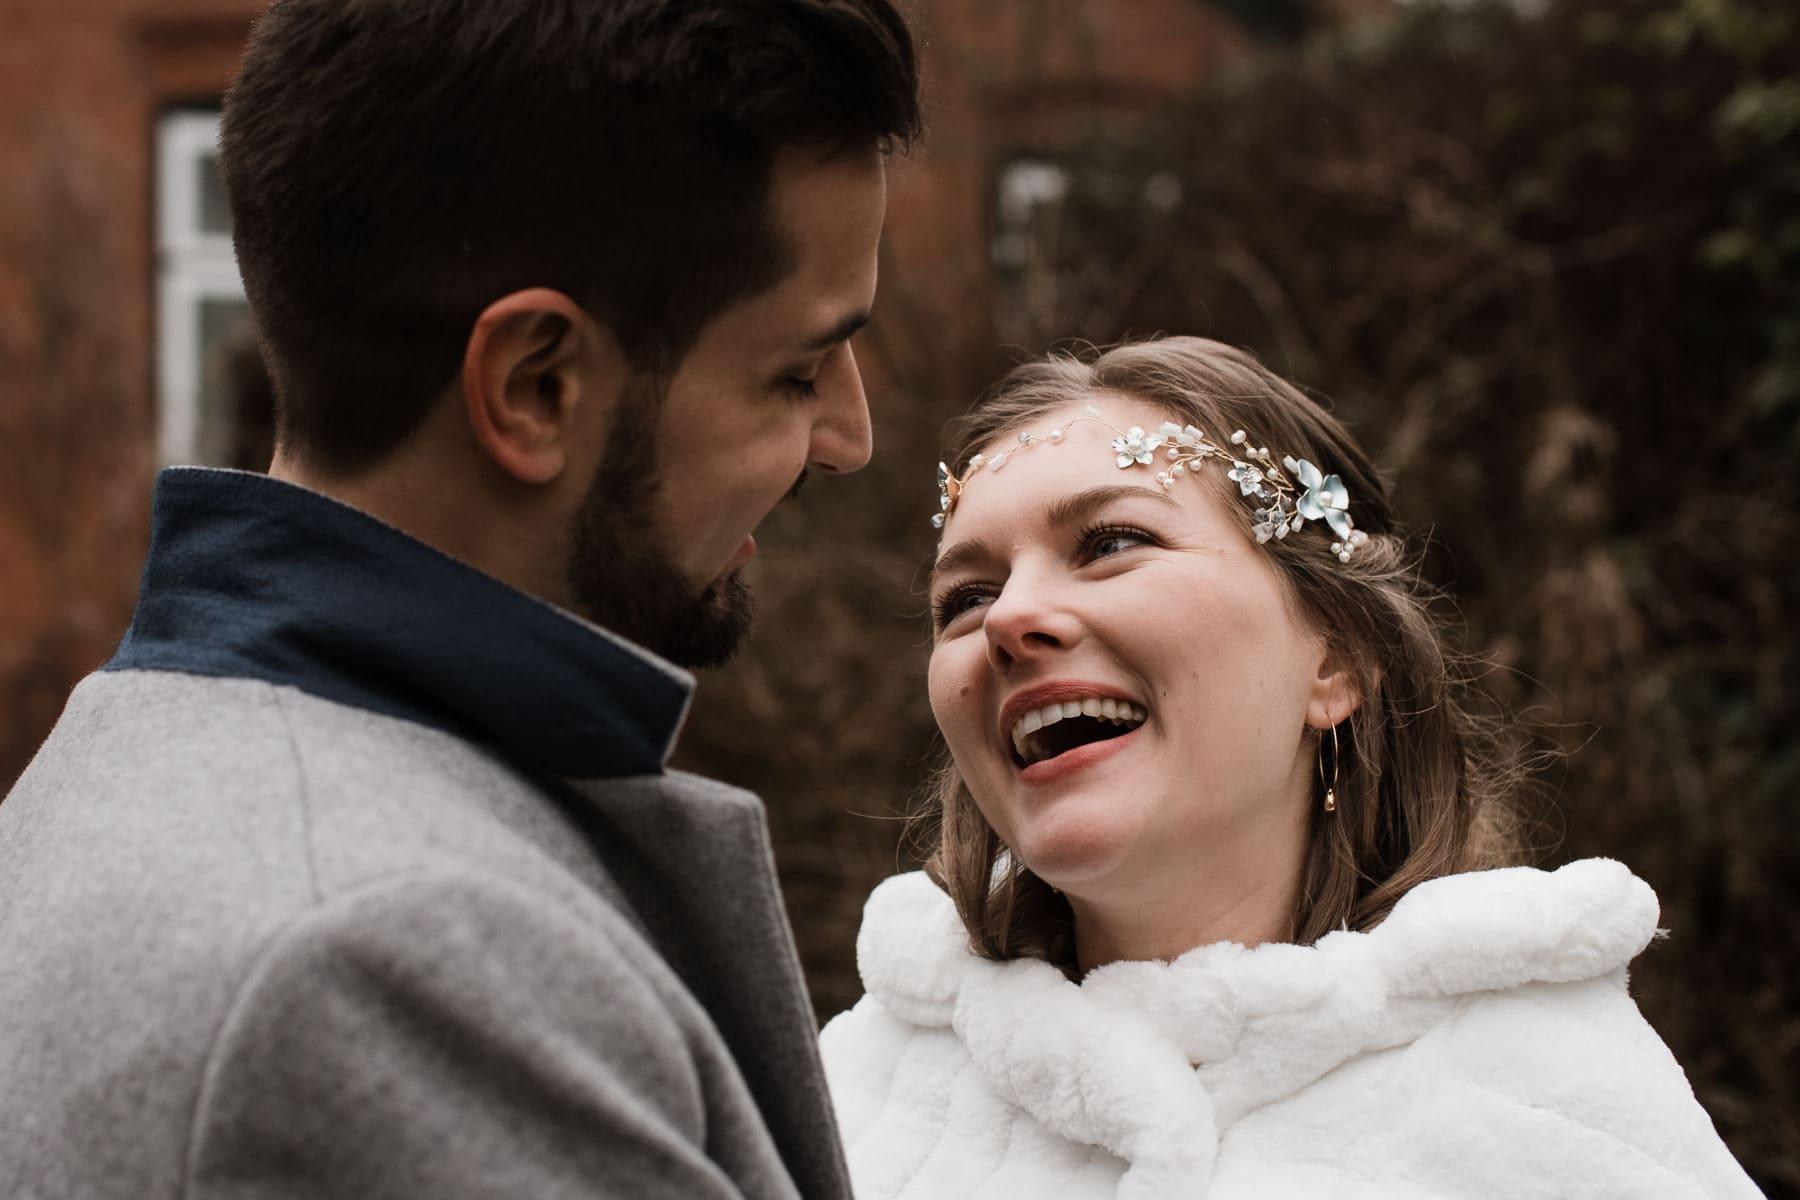 die Braut und der Bräutigam stehen draußen, die Braut trät über ihrem Brautkleid einen weißen Pelzumhang und einen Stirnreif, der Mann trägt über seinen Anzug einen Wollmantel, die Braut schaut dem Bräutigam ins Gesicht und lacht dabei